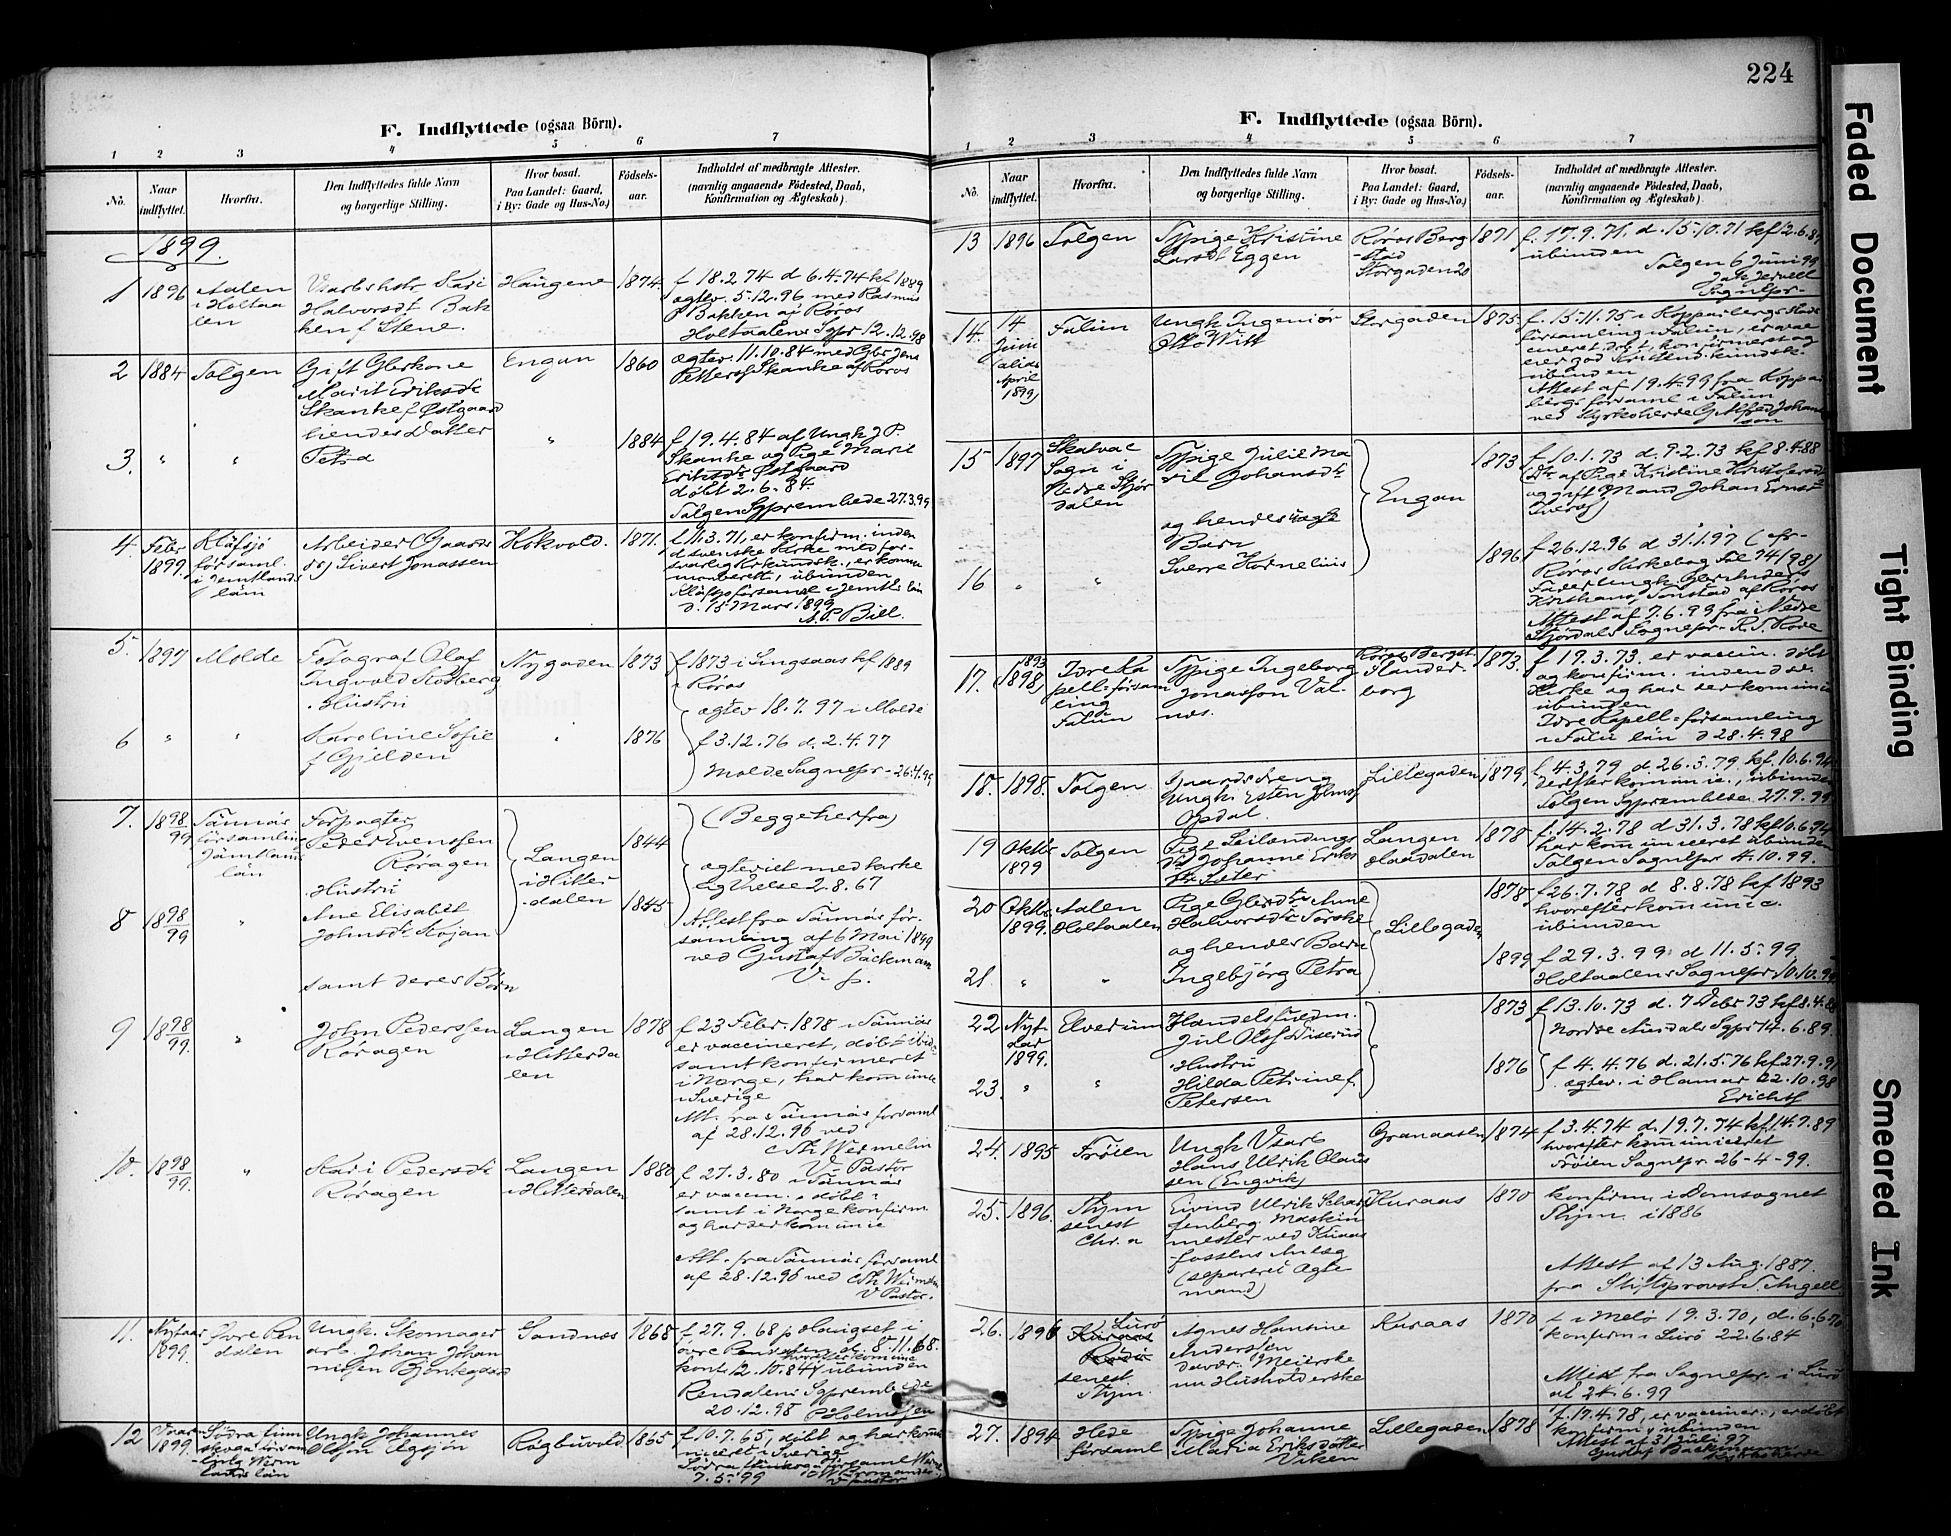 SAT, Ministerialprotokoller, klokkerbøker og fødselsregistre - Sør-Trøndelag, 681/L0936: Ministerialbok nr. 681A14, 1899-1908, s. 224